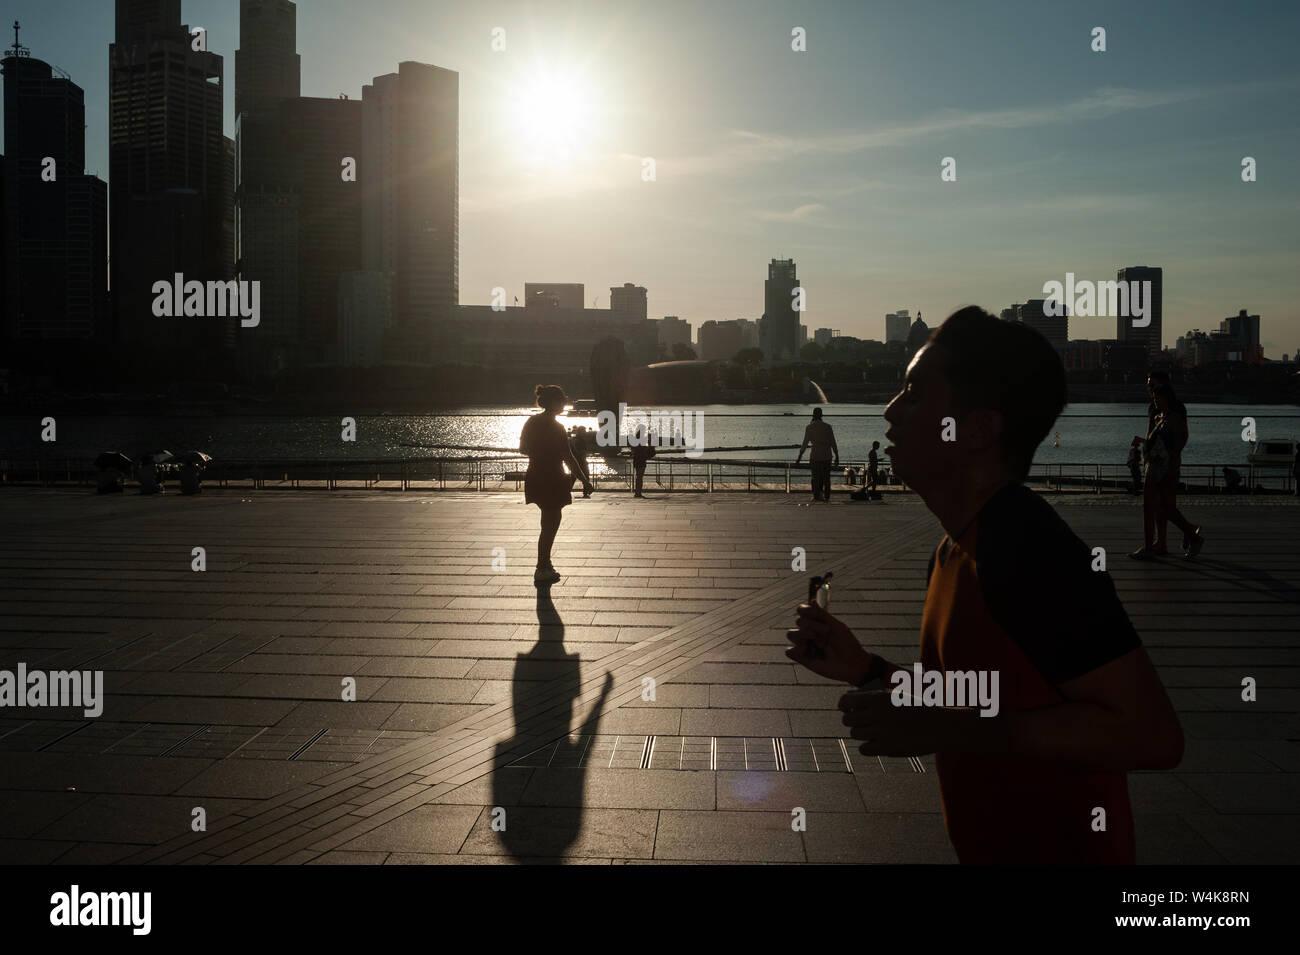 19.07.2019, Singapour, République de Singapour, en Asie - les gens au bord de l'eau dans la région de Marina Bay avec l'horizon de la ville du district commercial central. Banque D'Images